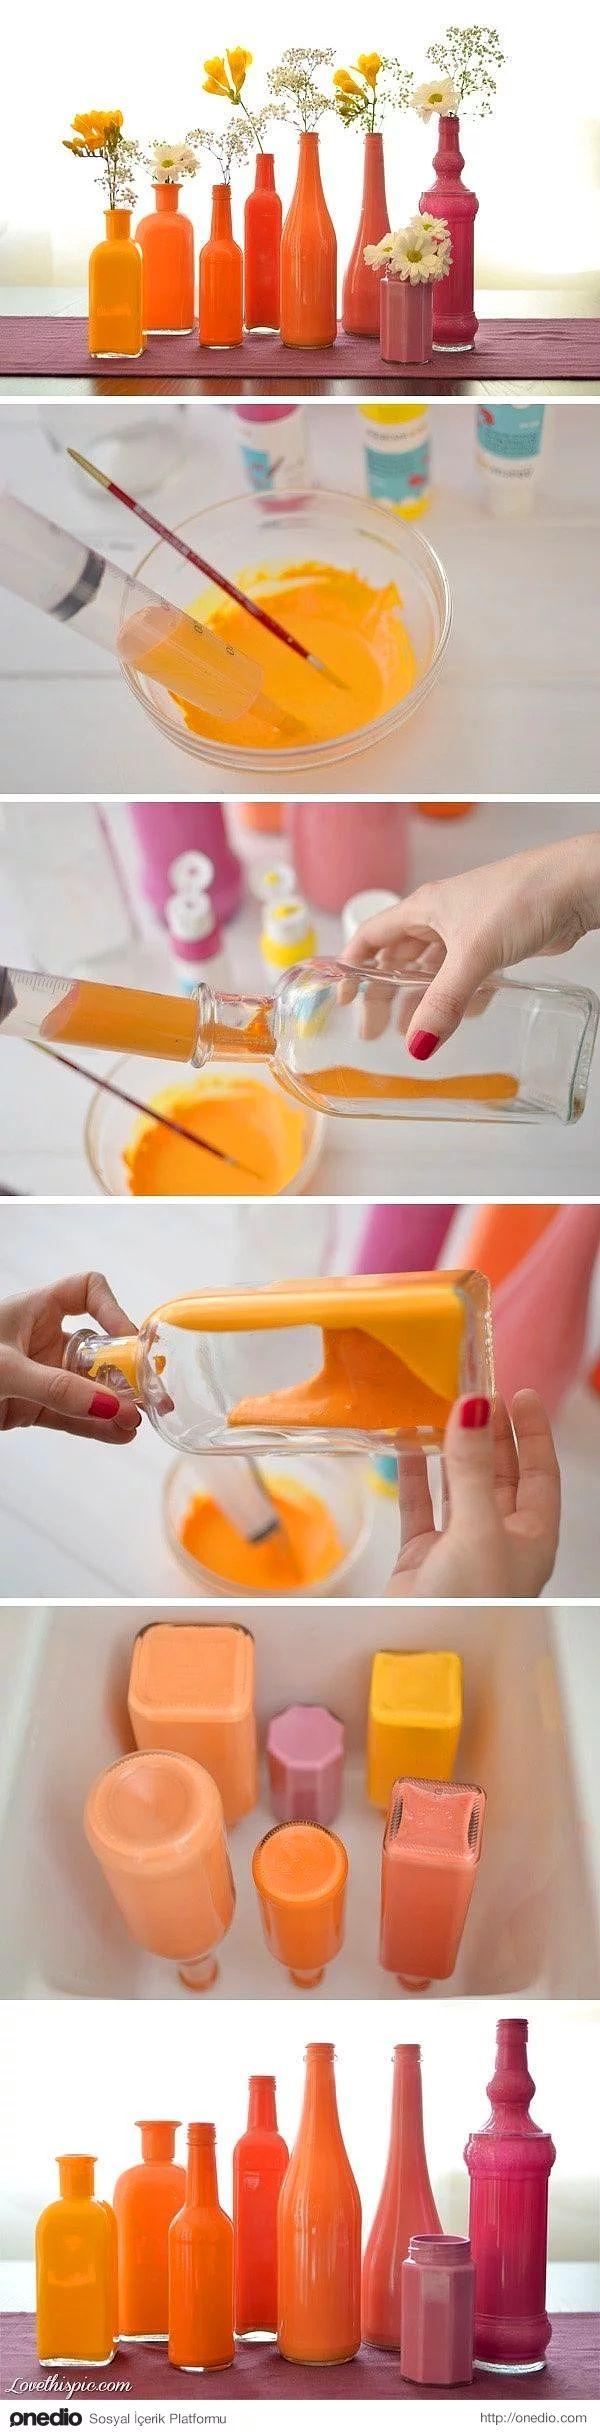 Bu renkli şişeleri nereden alıyoruz diye sormak yerine kendiniz yapmayı denemelisiniz.